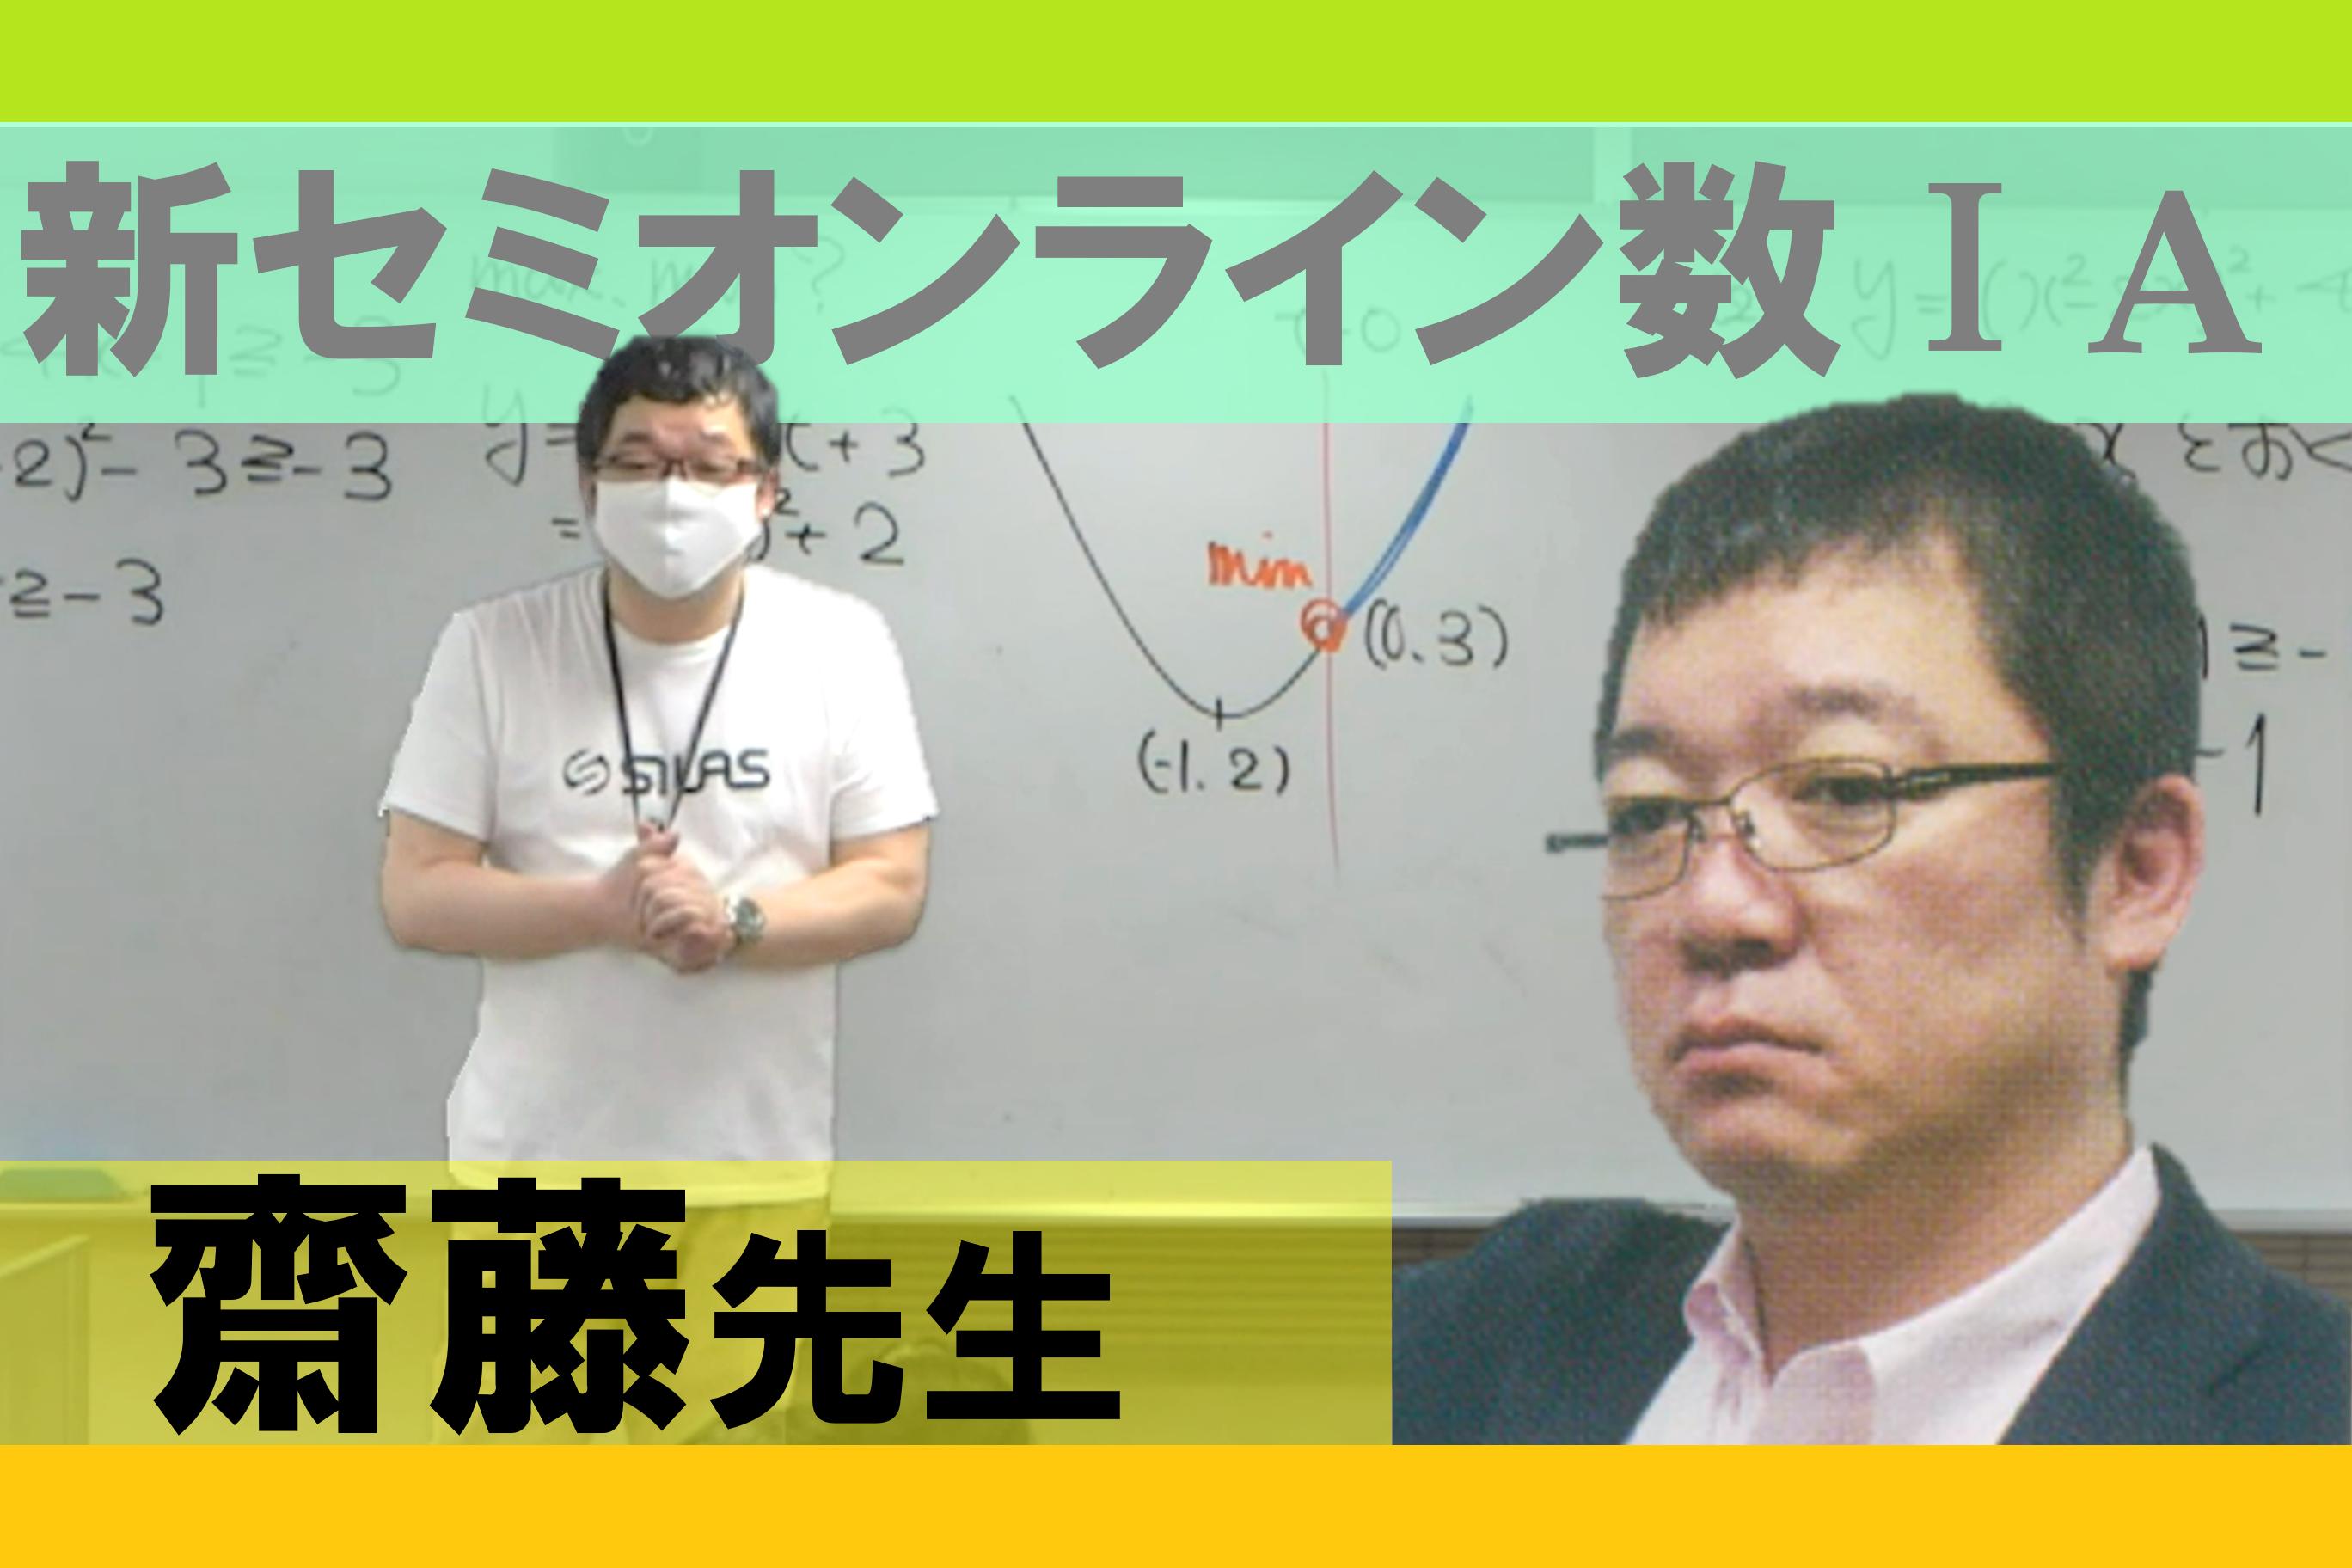 斎藤先生OL